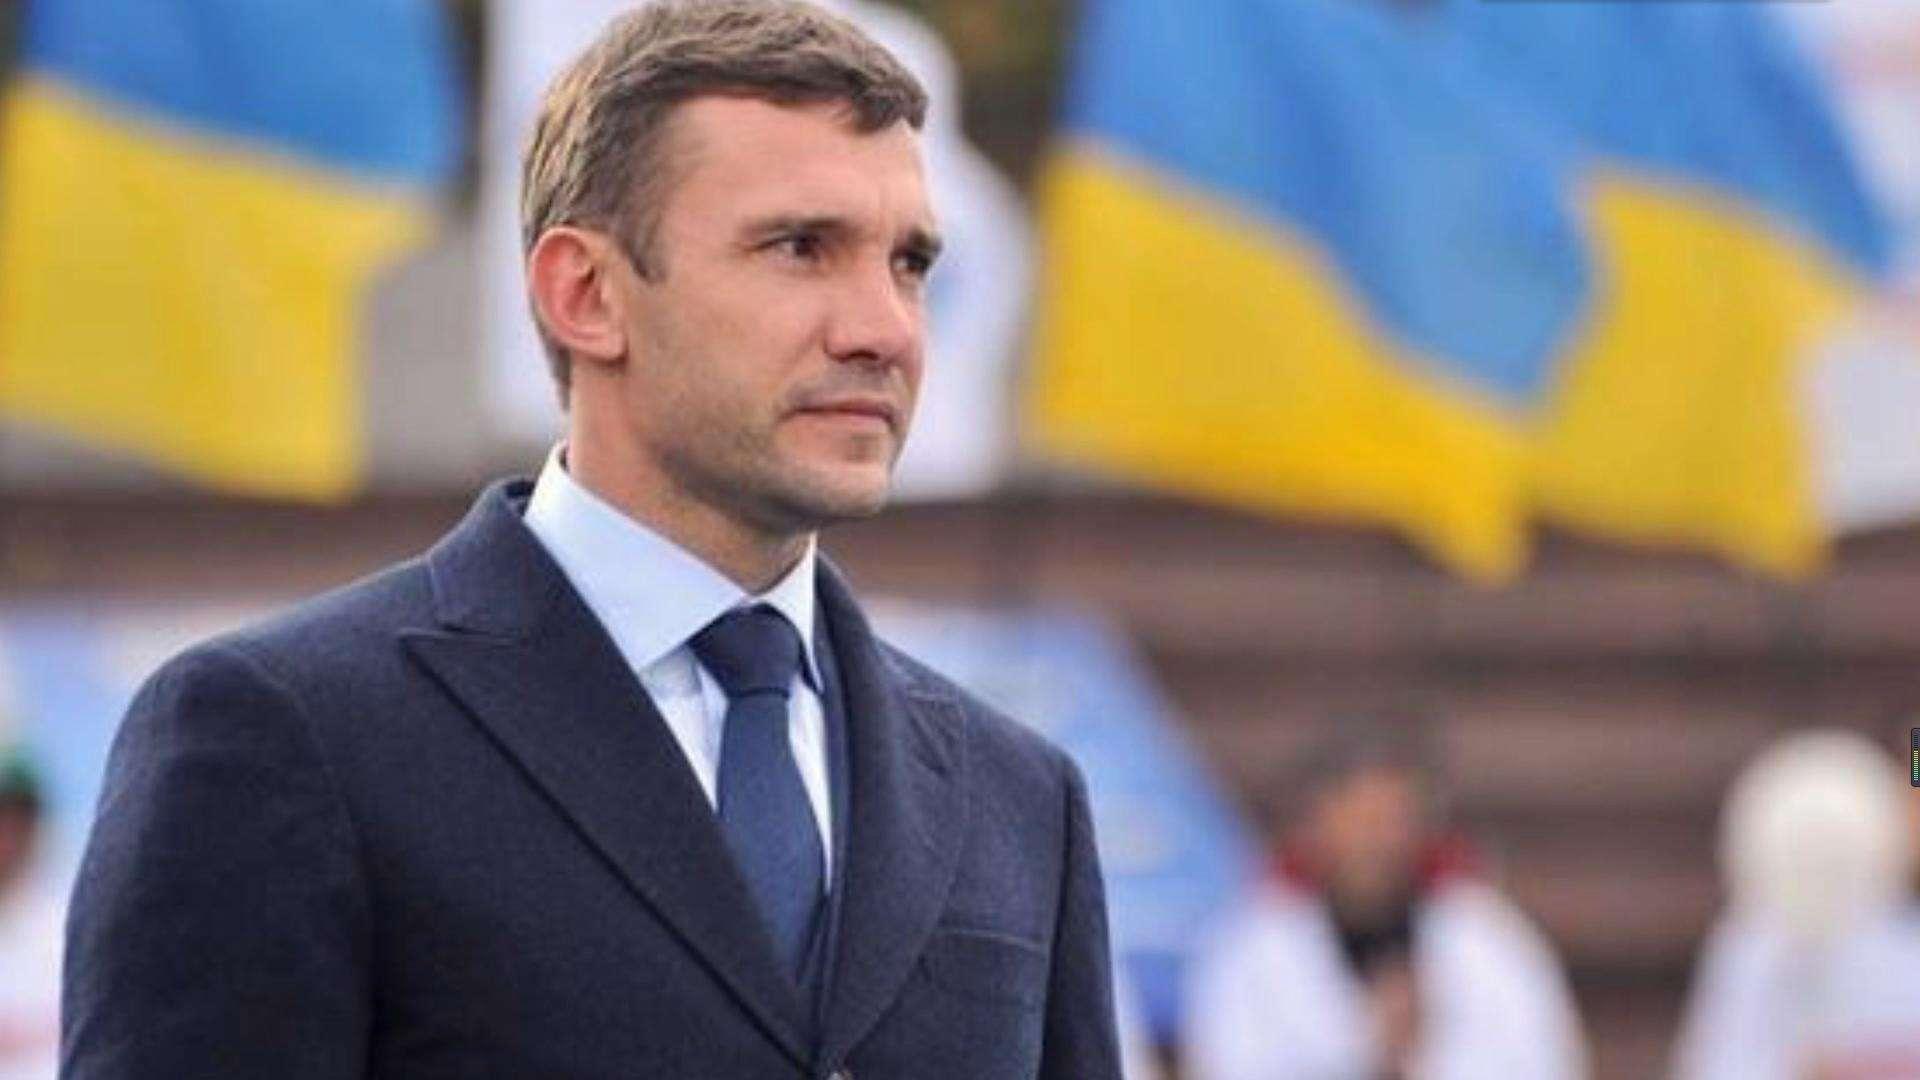 舍甫琴科:人们会想圣西罗,但新球场对球队长期发展有利